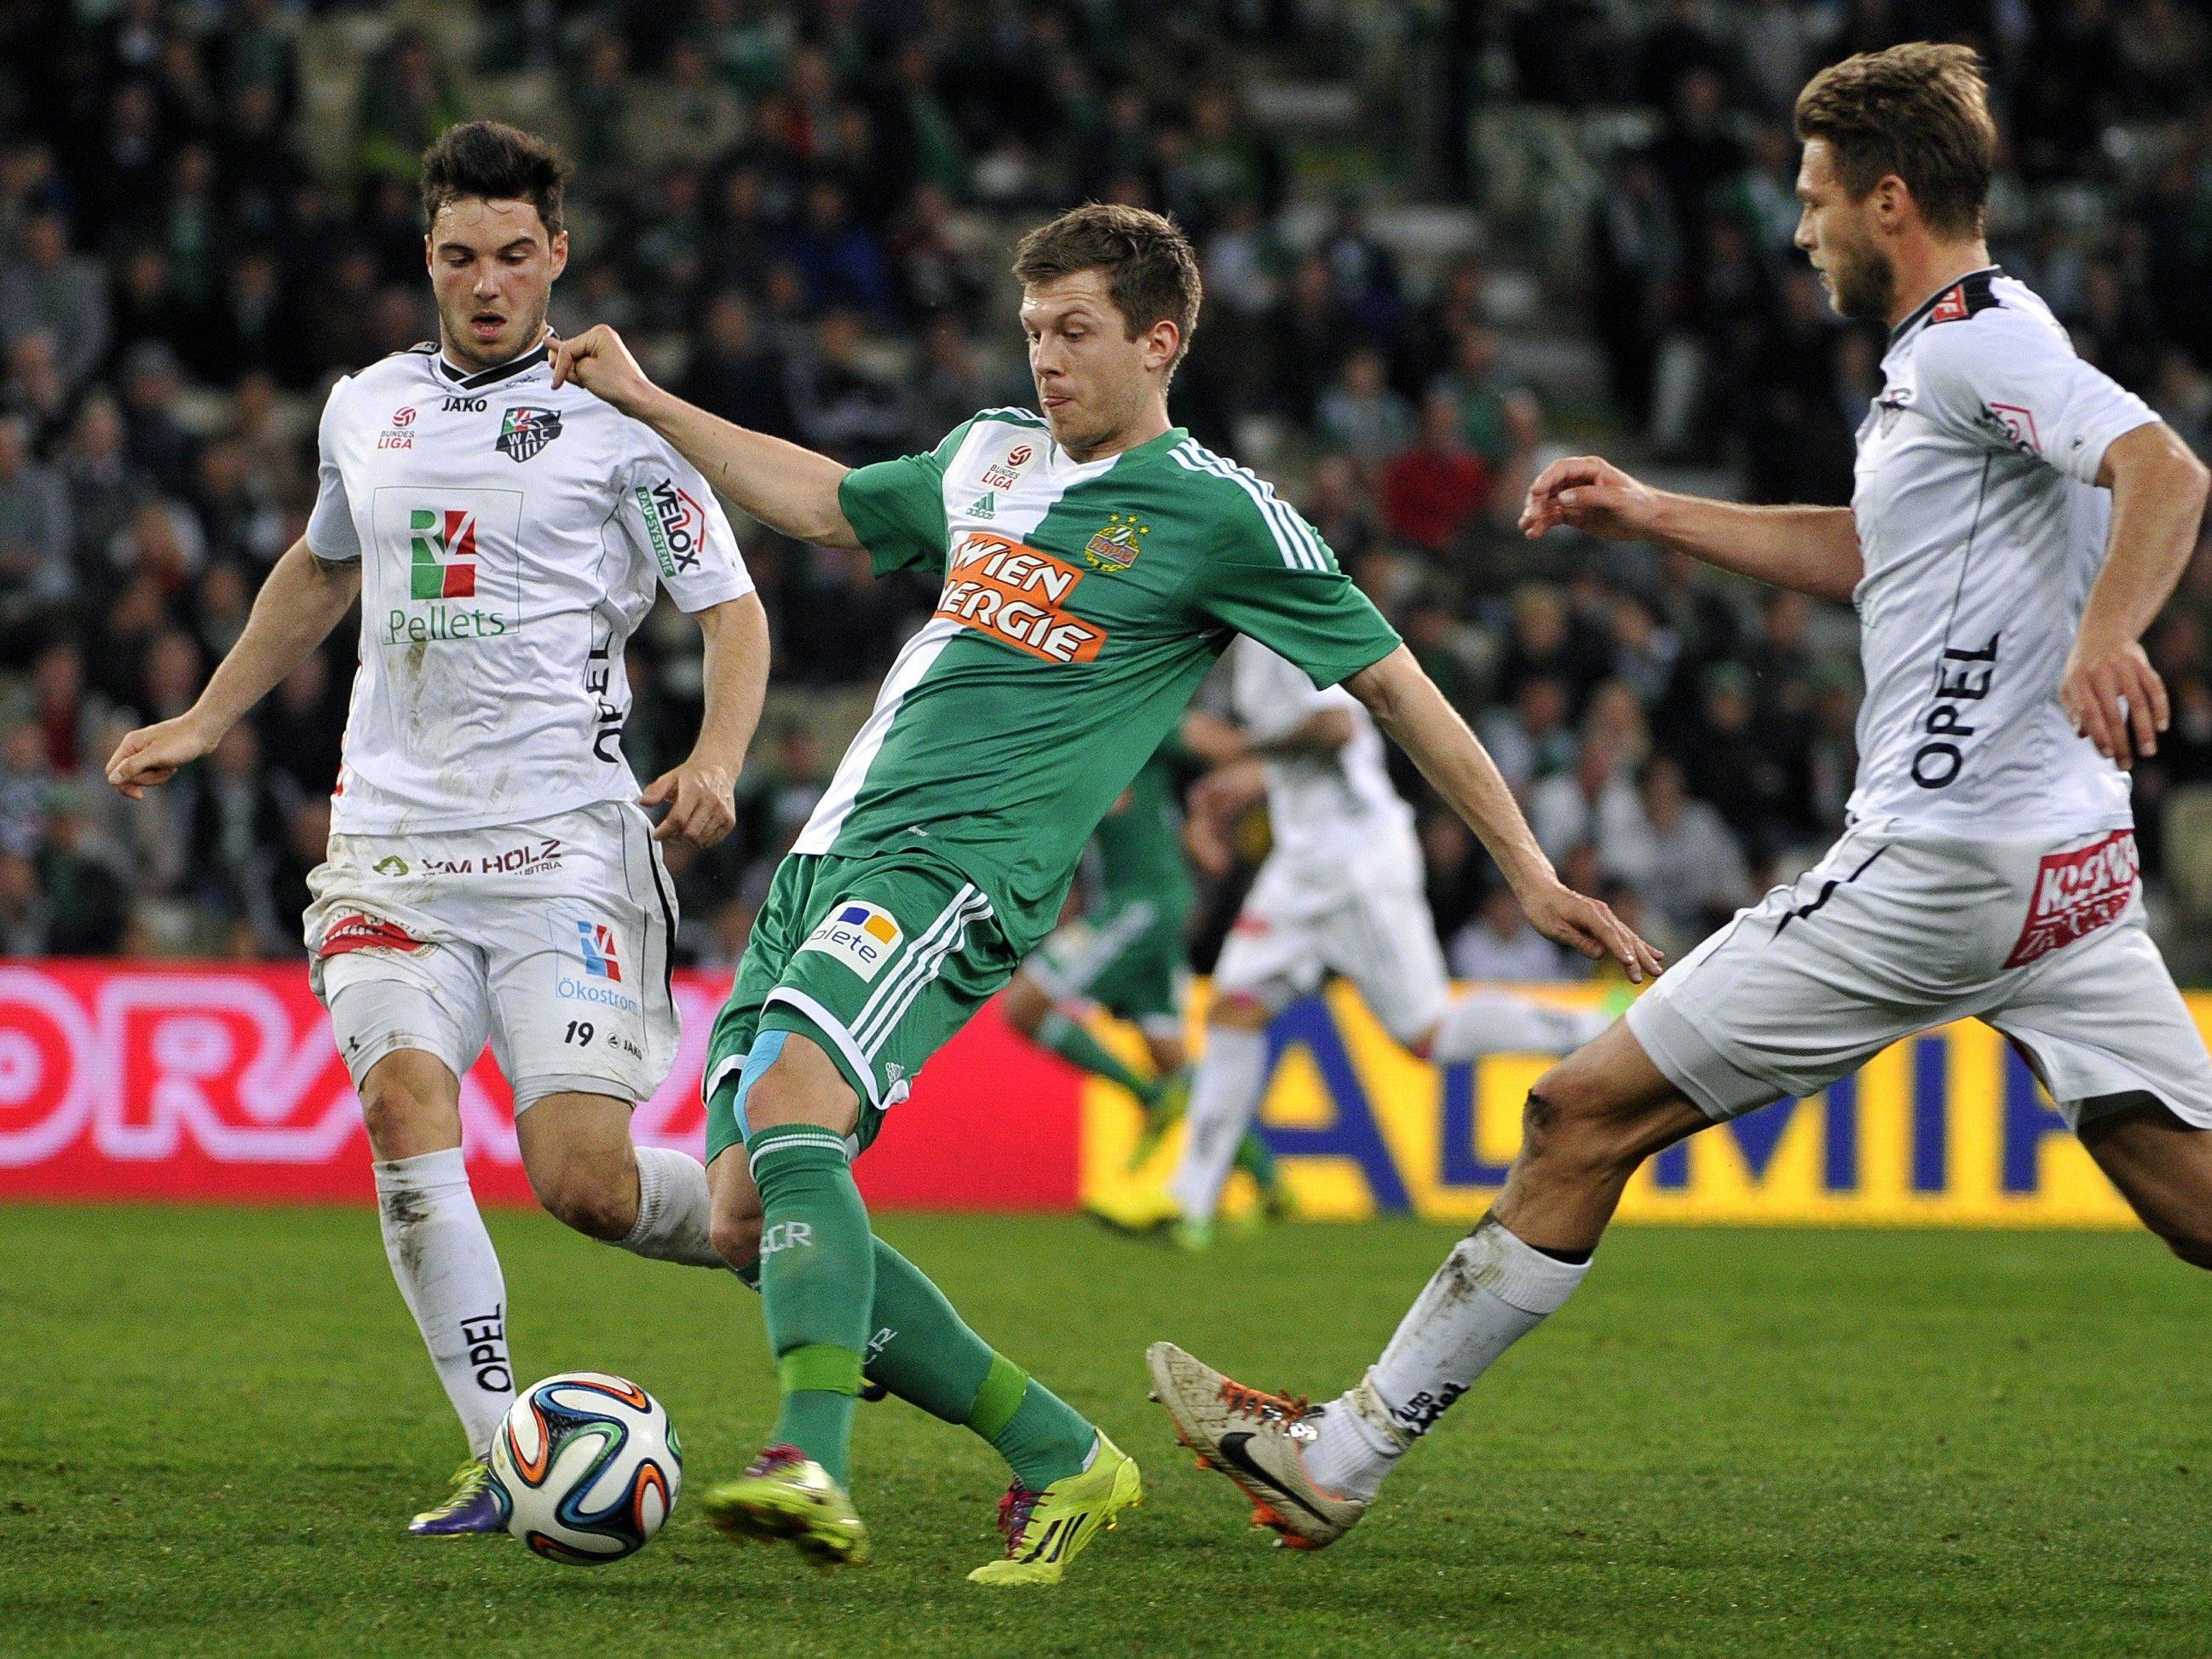 LIVE-Ticker zum Spiel SK Rapid Wien gegen WAC ab 18.30 Uhr.